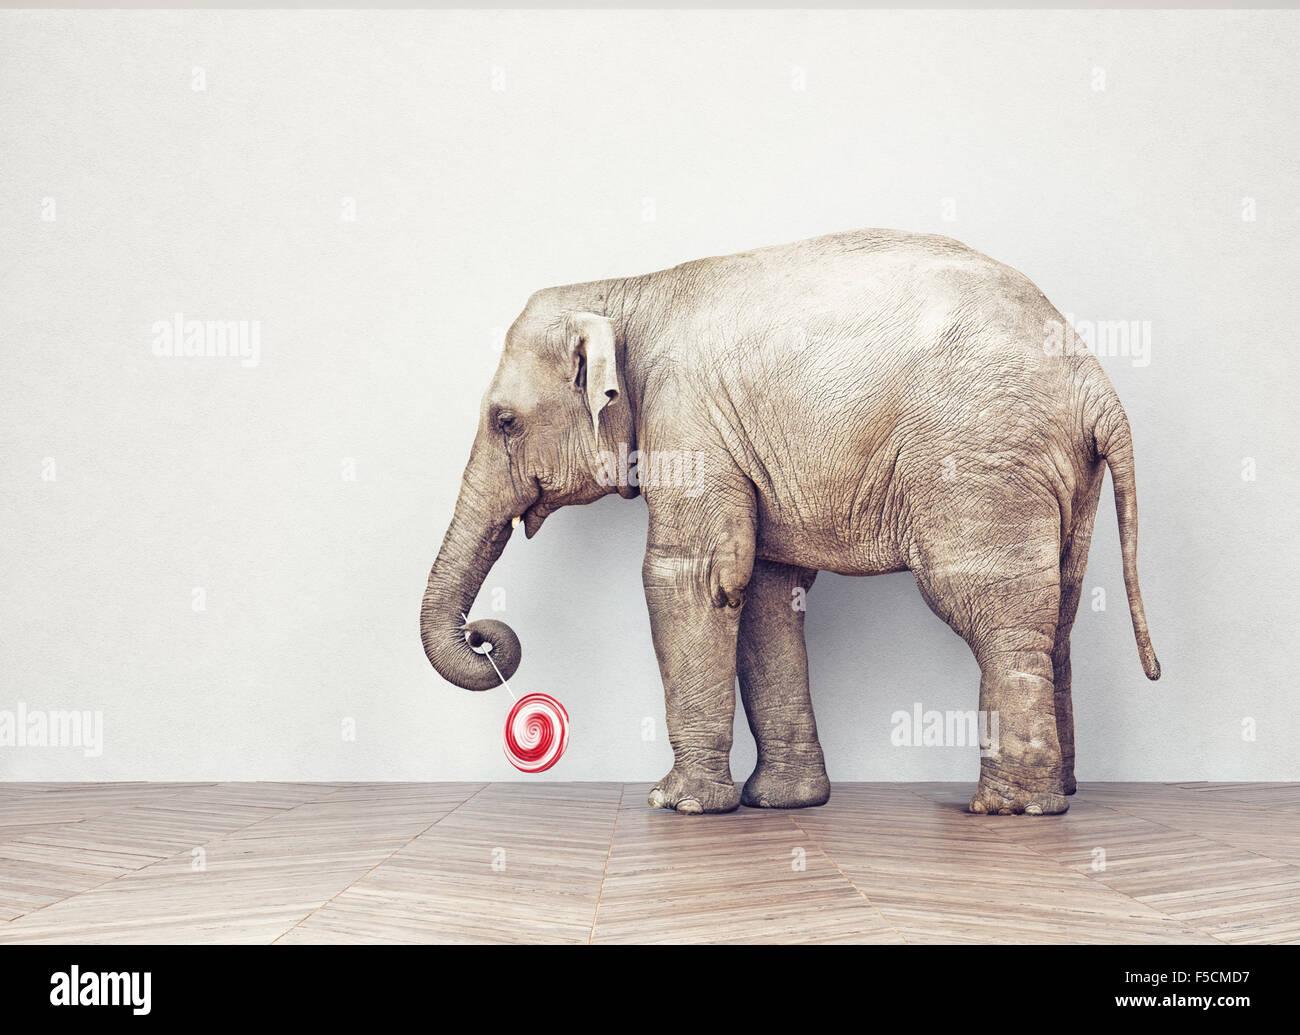 Un elefante calma in camera vicino a muro bianco. Concetto creativo Immagini Stock